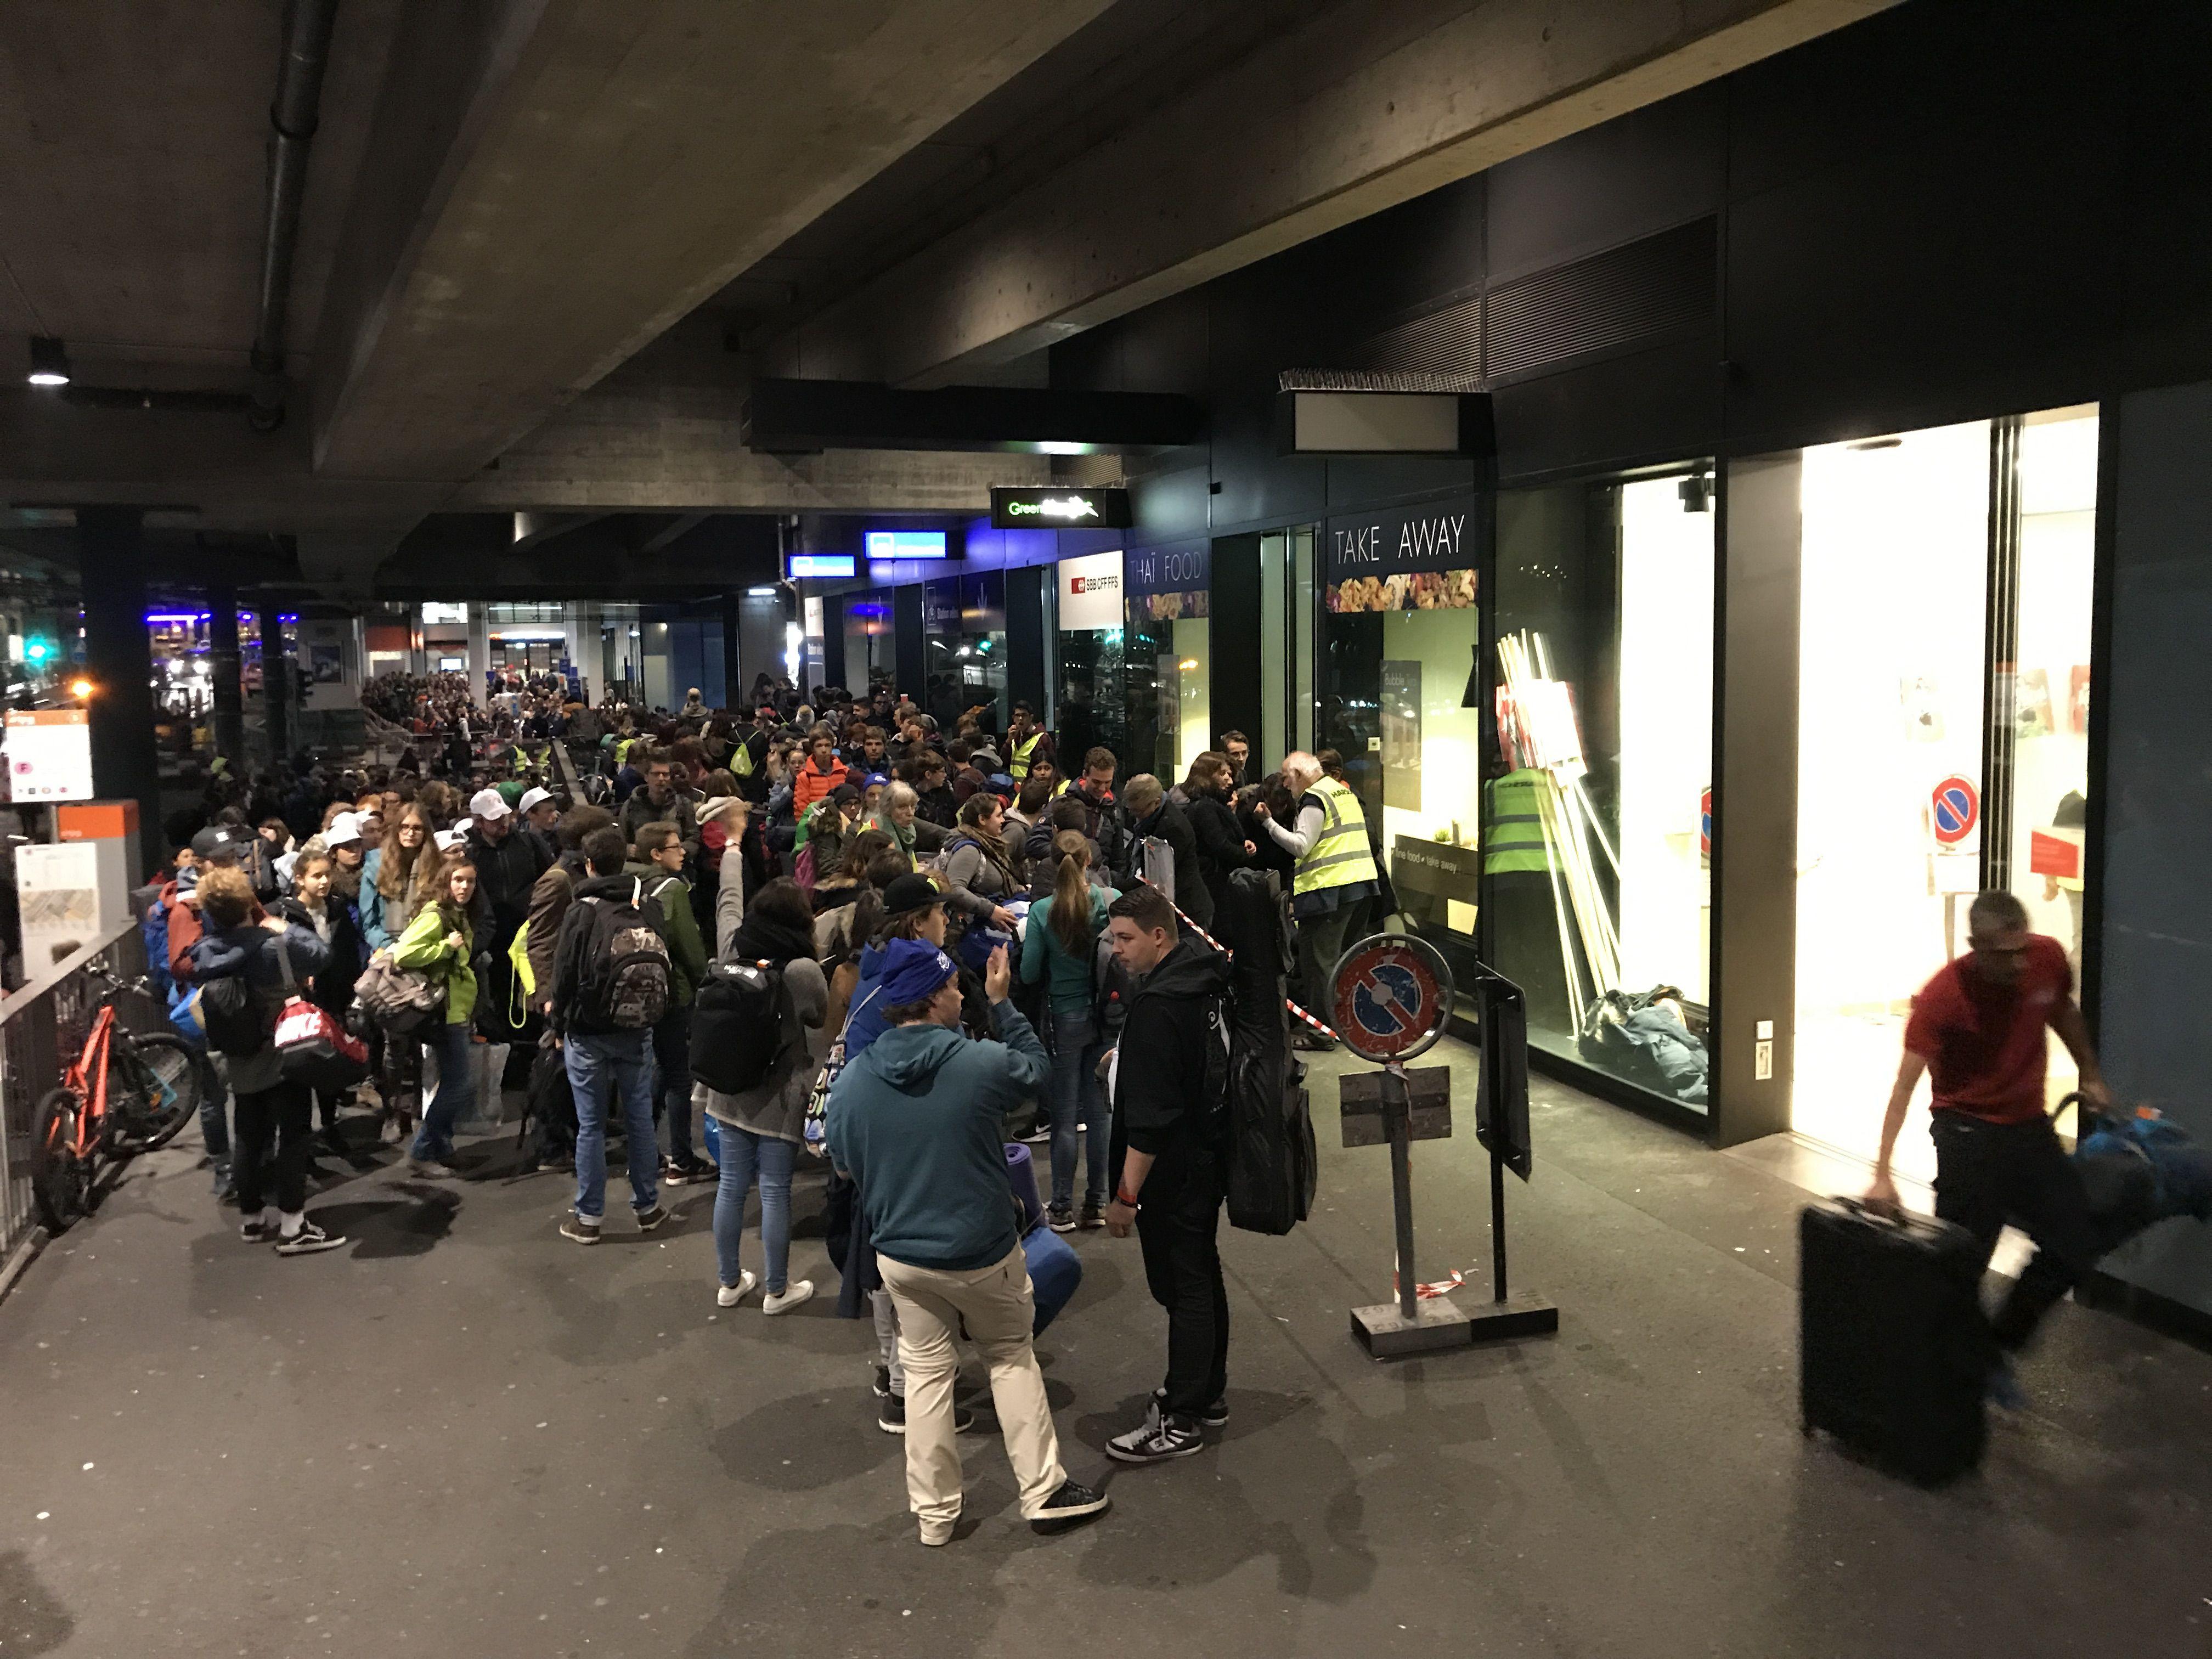 Des jeunes protestants attendent pour déposer leurs bagages